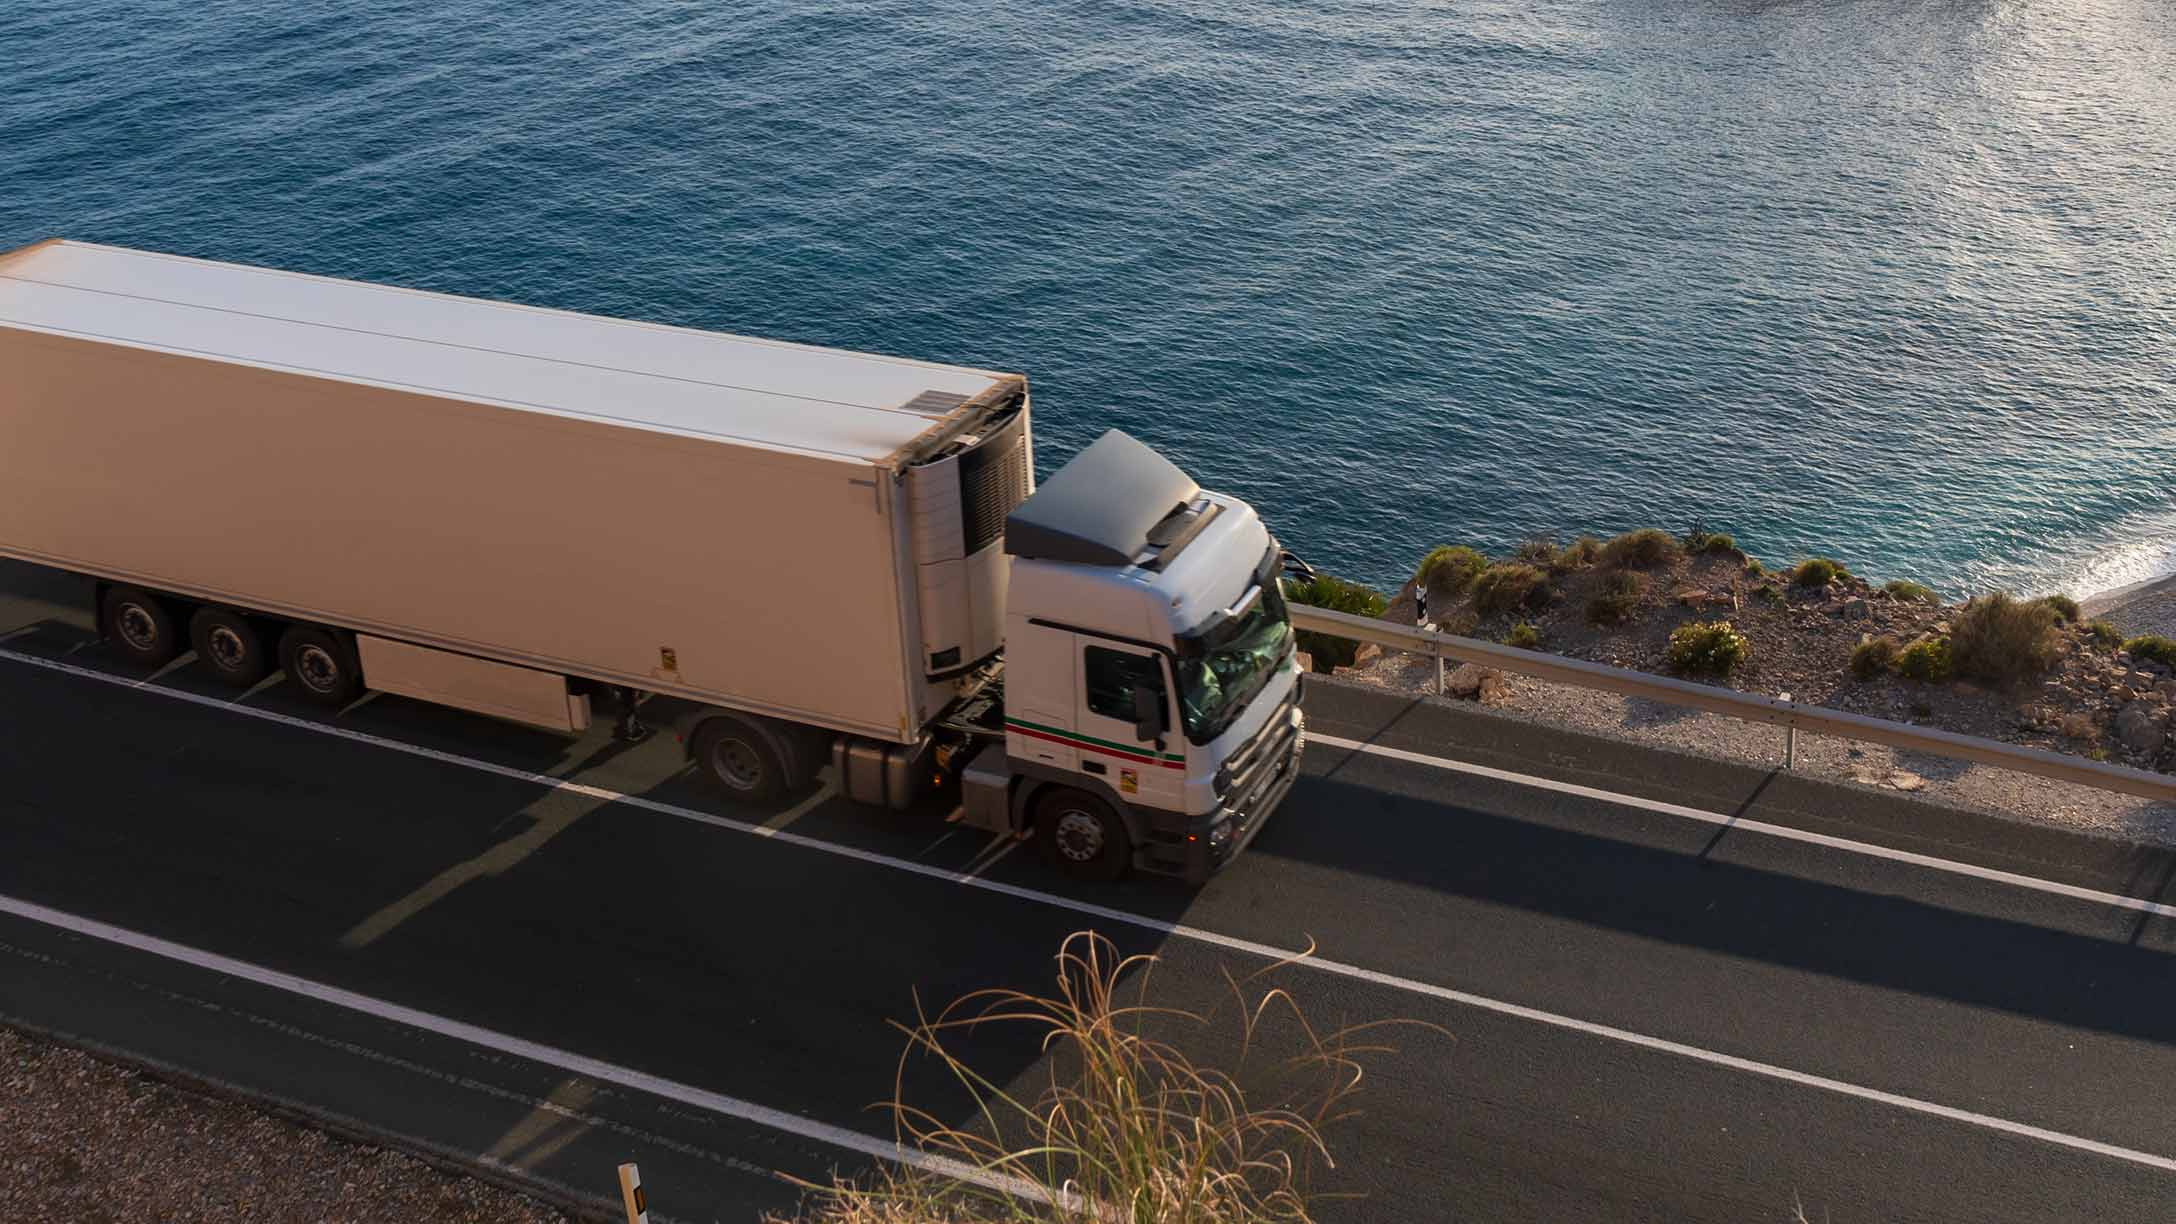 camión-en-la-carretera